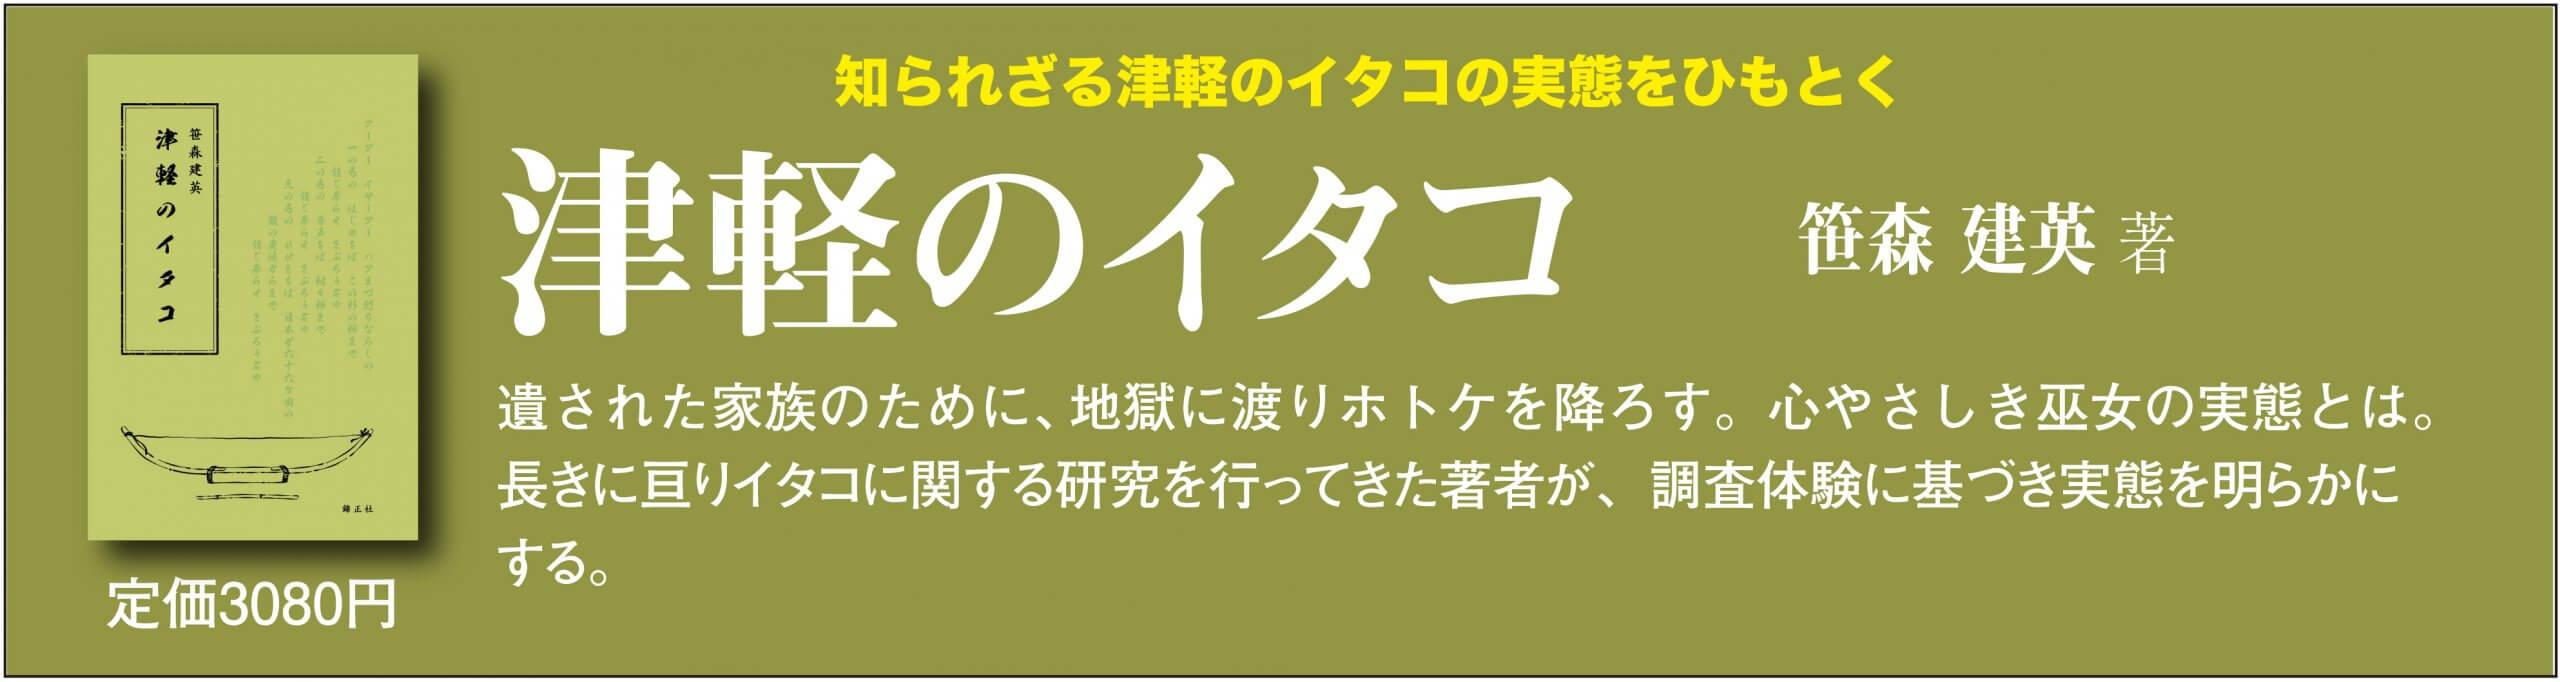 津軽のイタコ